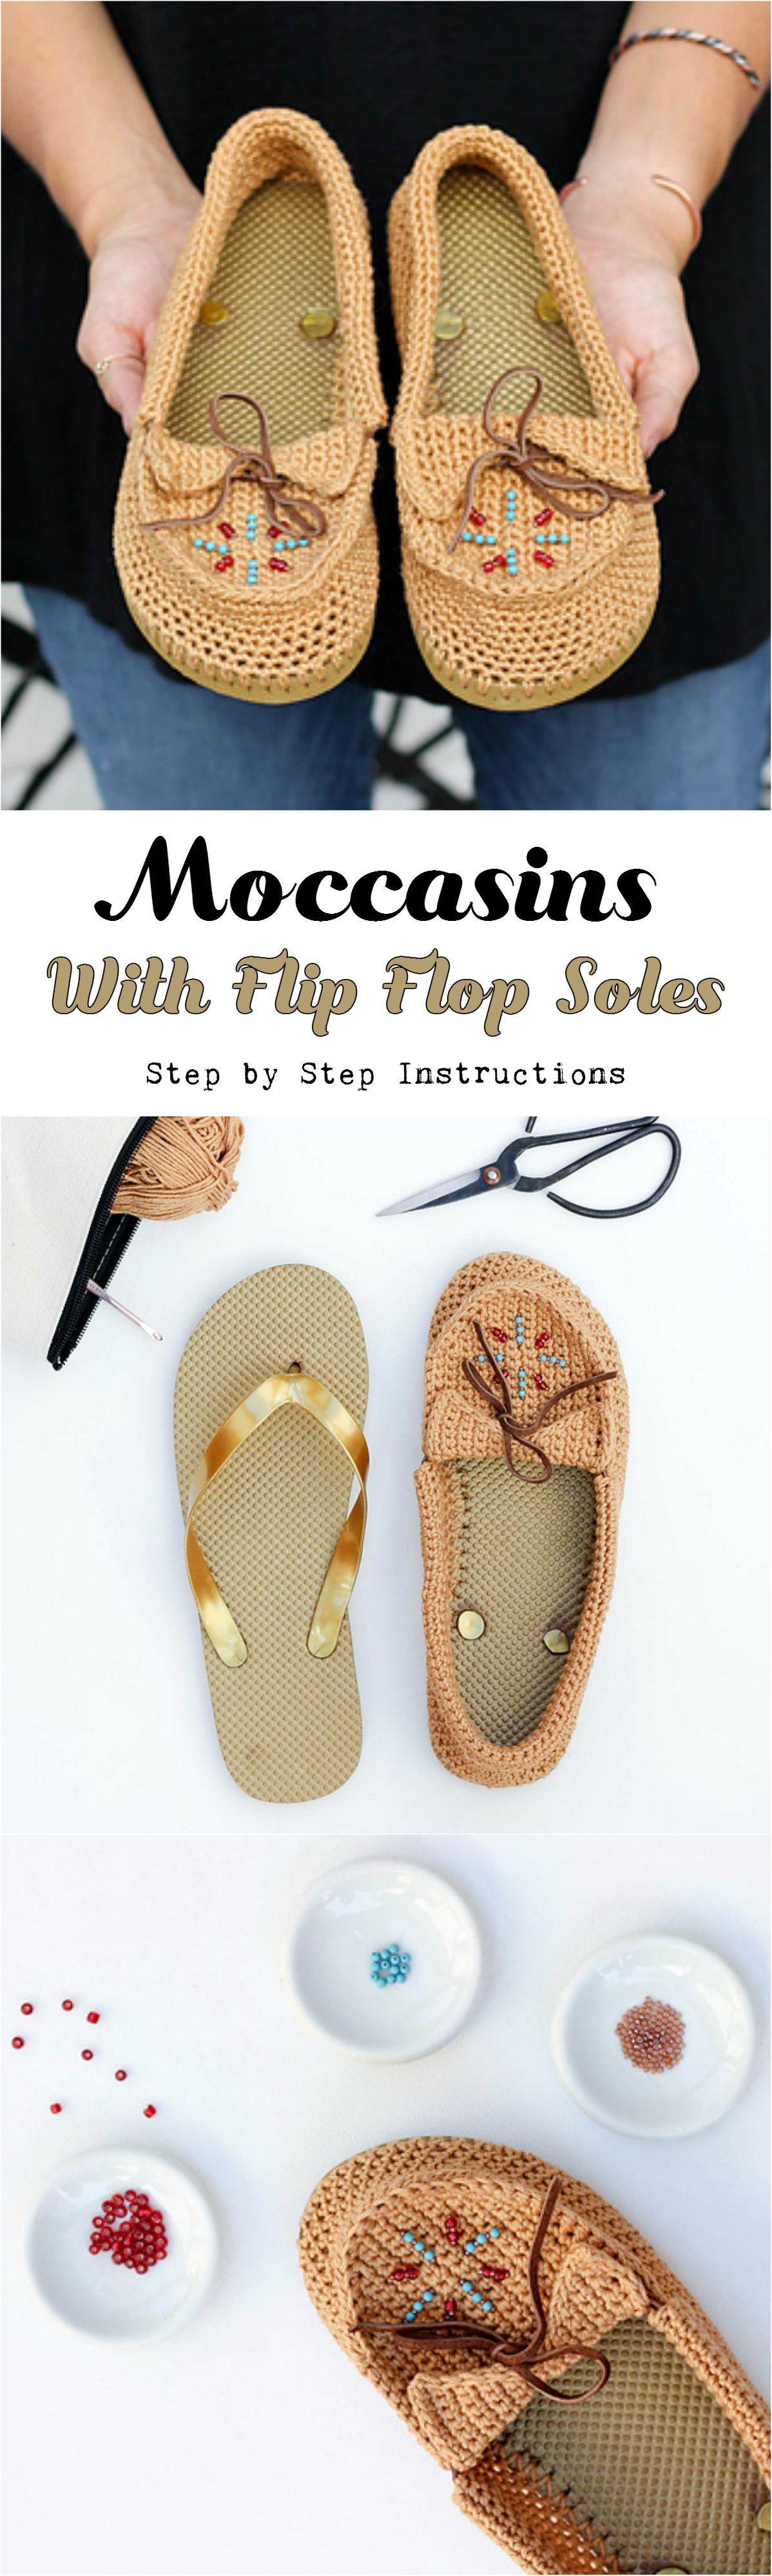 Crochet Moccasins With Flip Flop Soles | Zapatos tejidos, Zapatos y ...